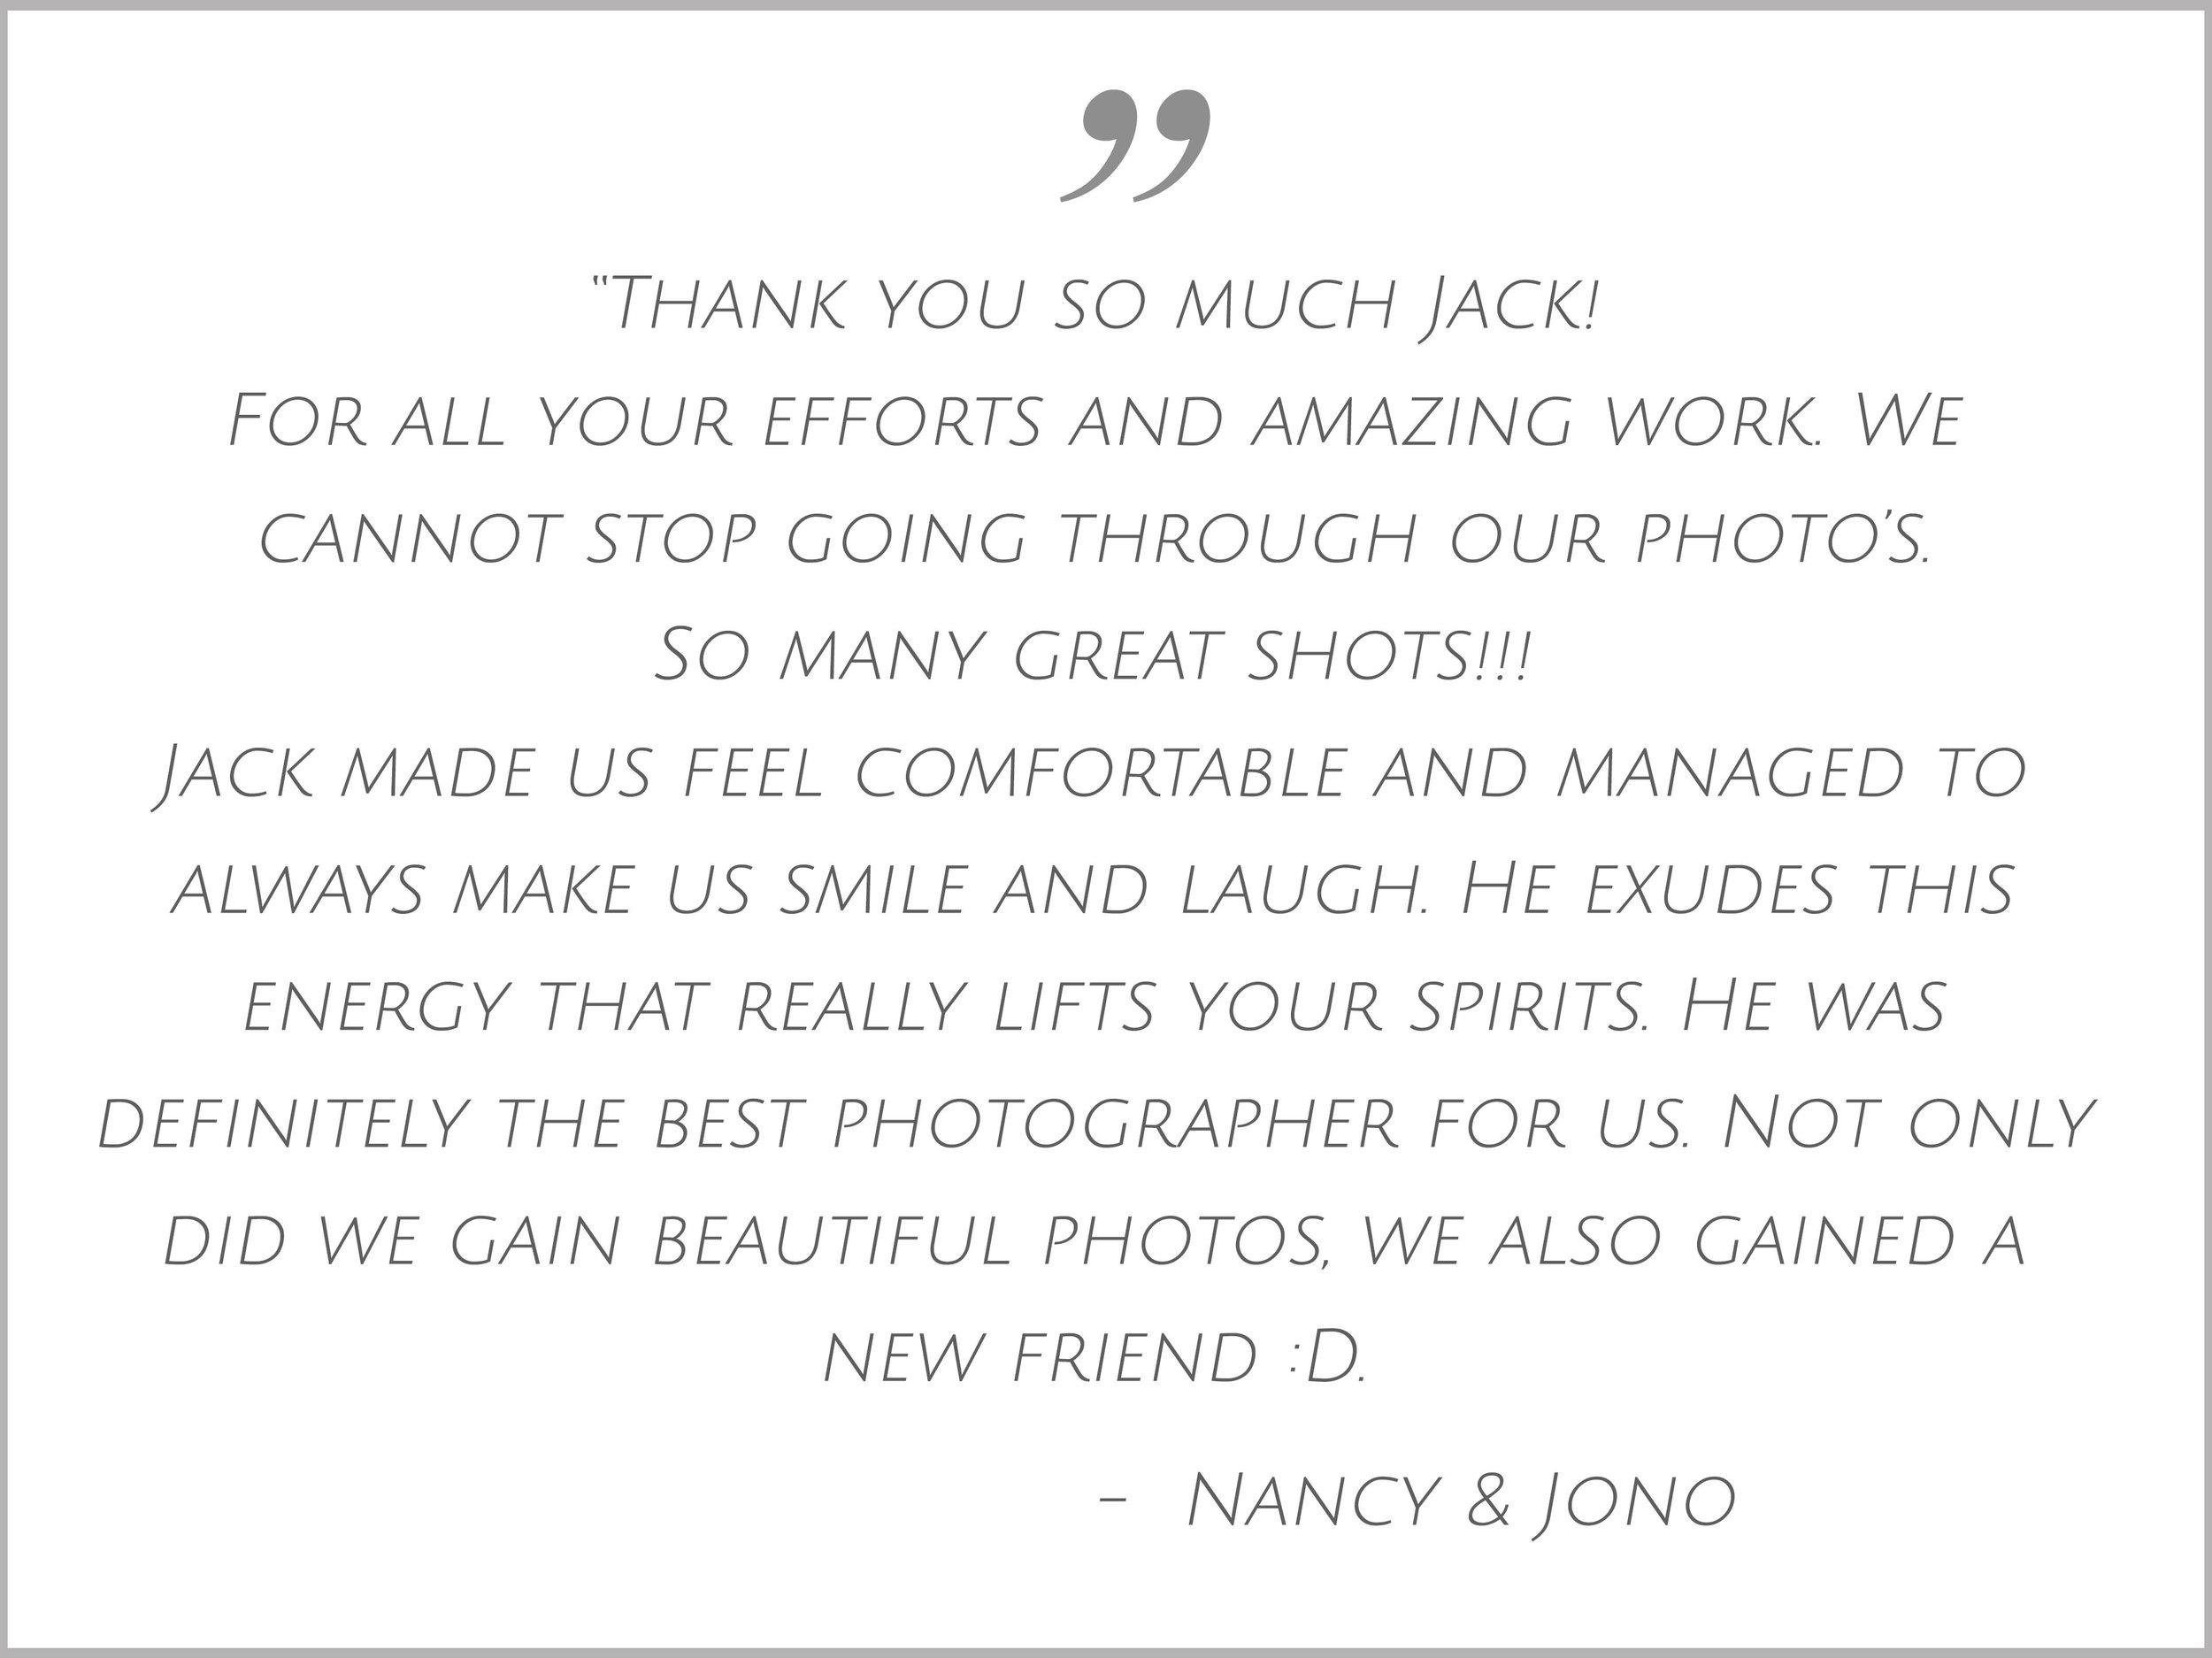 Nancy & Jono.jpg